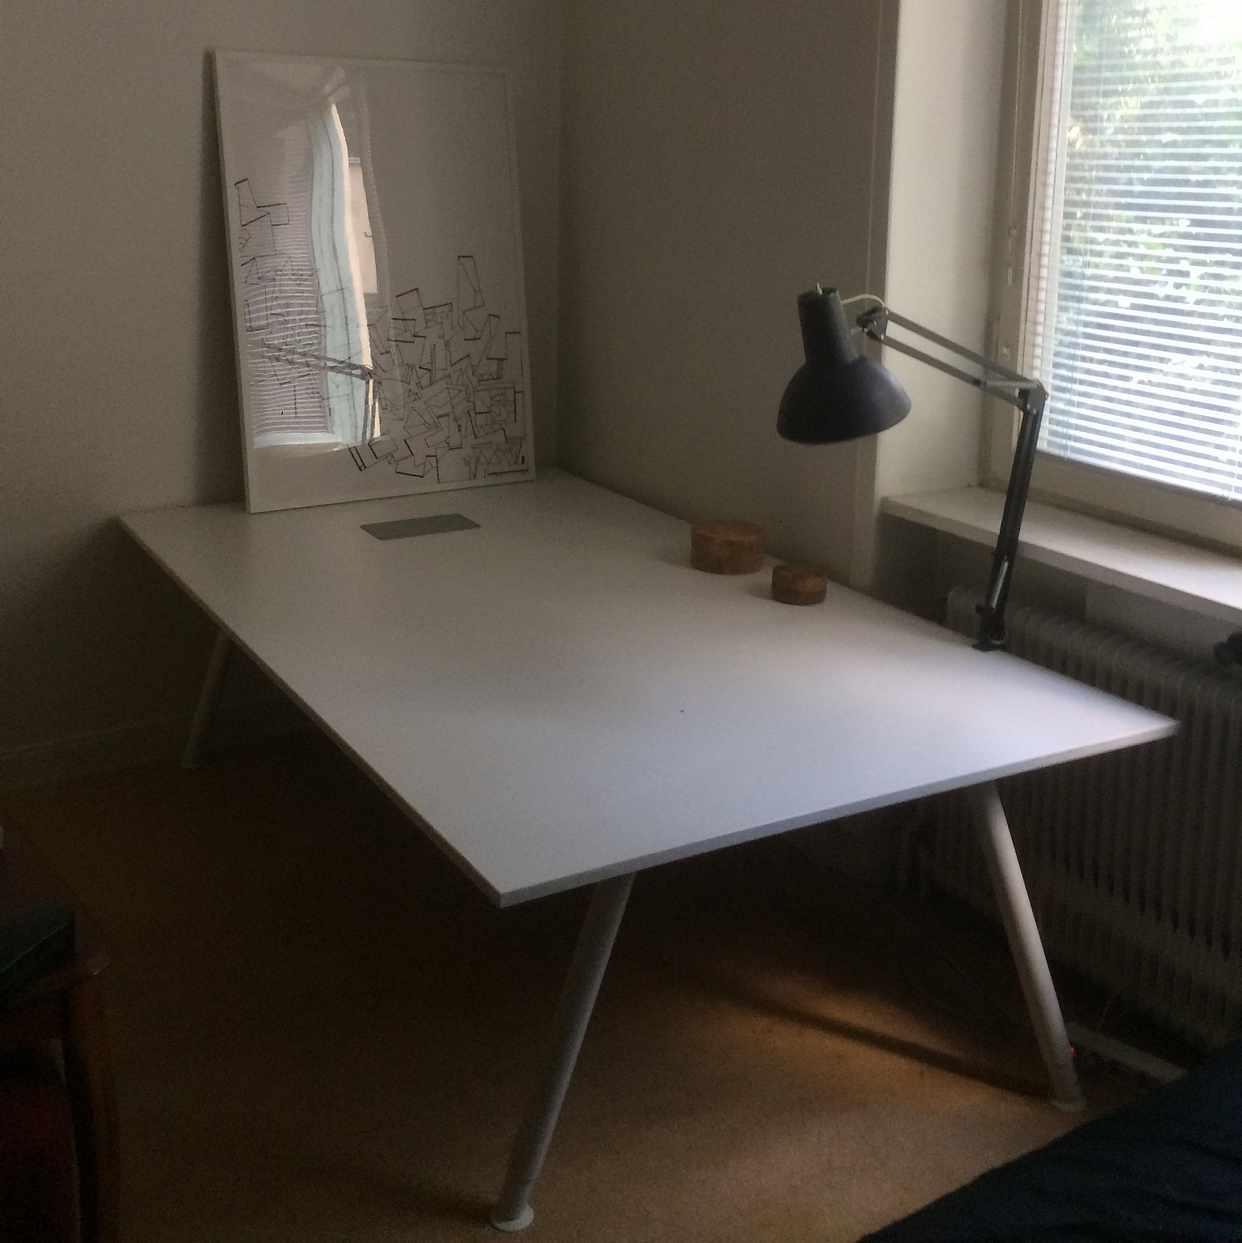 klaffebord ikea